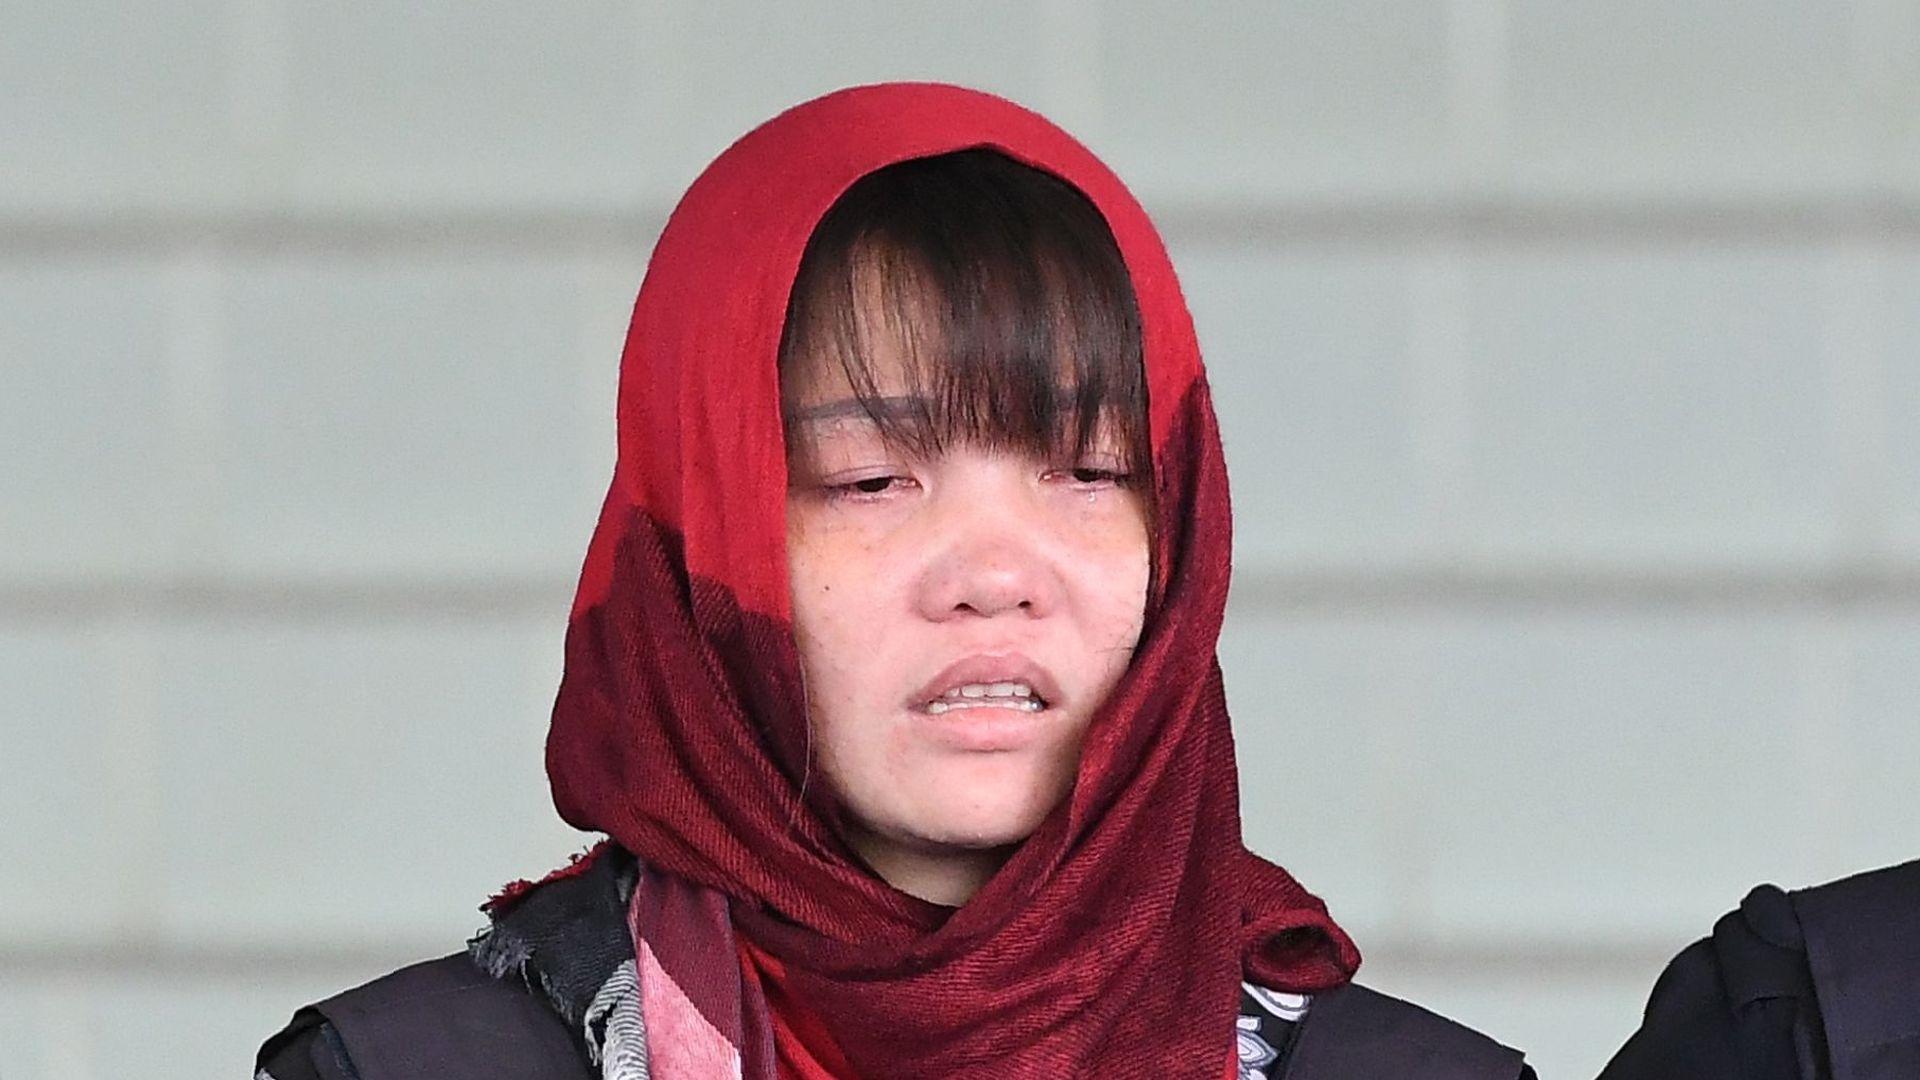 Doan Thi Huong denies murdering Kim Jong-nam.